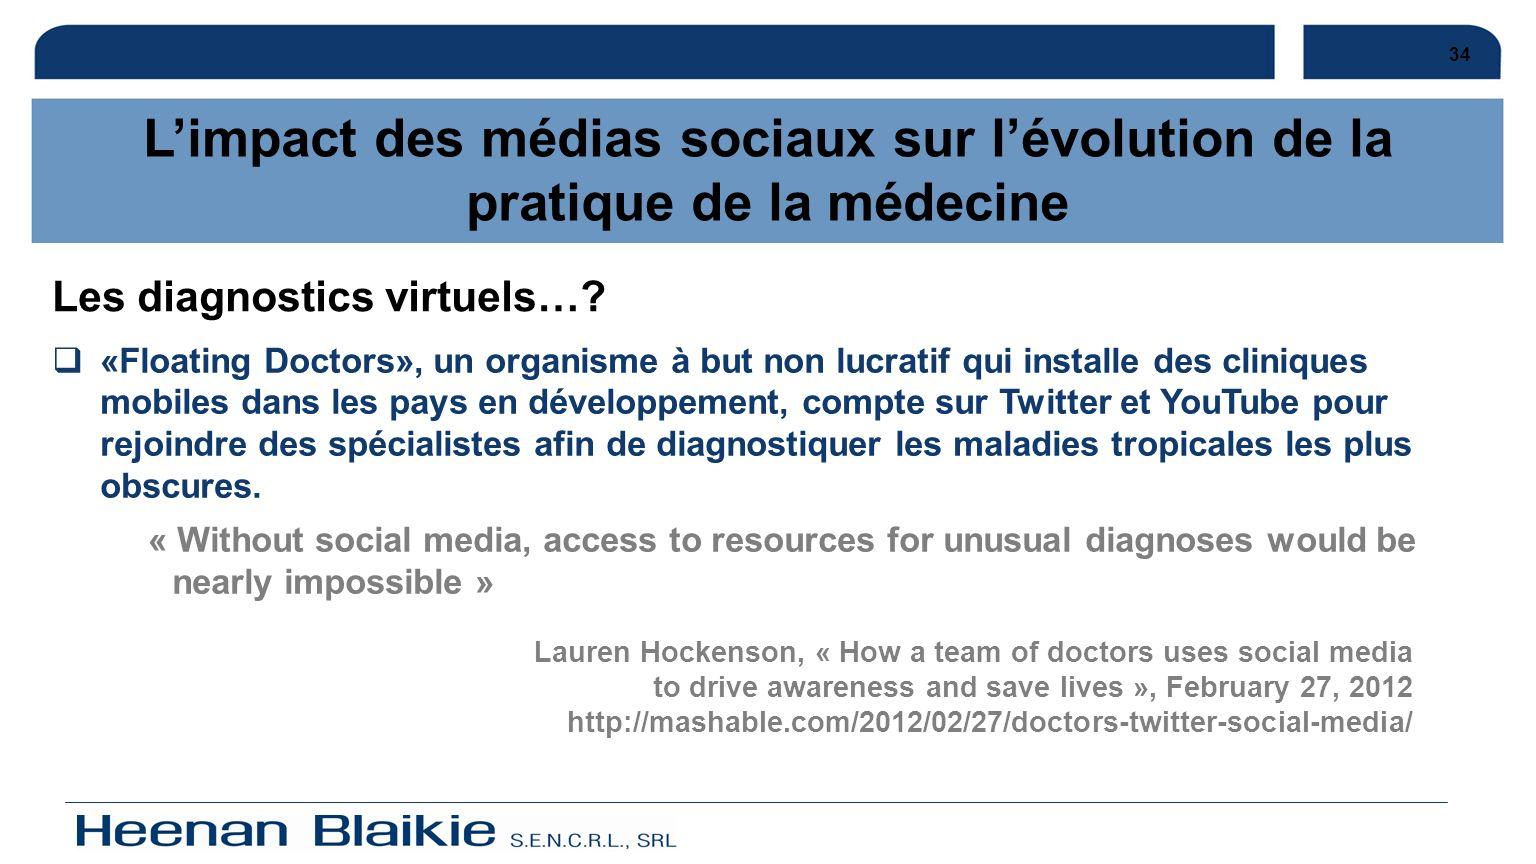 34 L'impact des médias sociaux sur l'évolution de la pratique de la médecine. Les diagnostics virtuels…